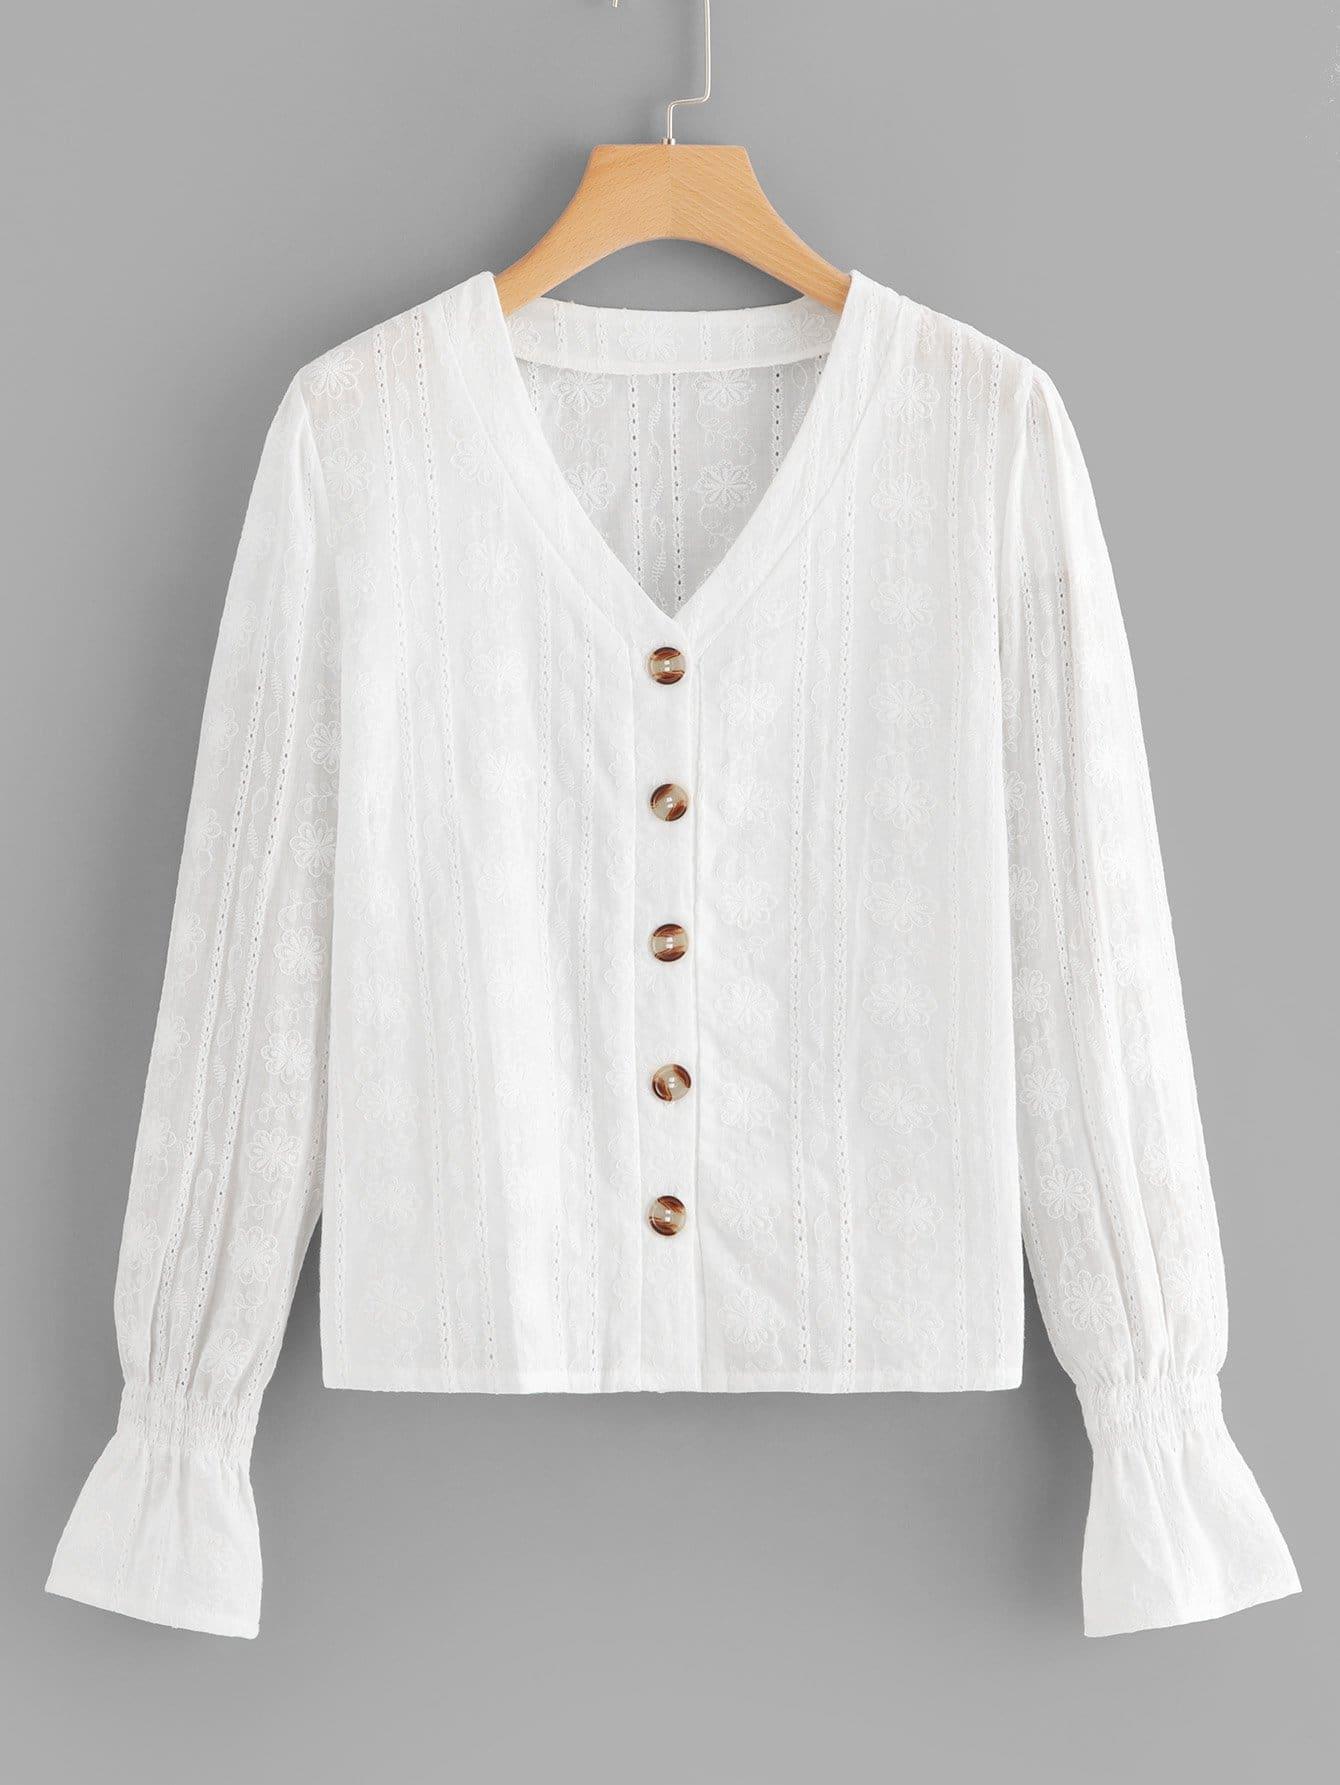 Купить Белый Пуговица Одноцветный Повседневный Блузы+рубашки, null, SheIn